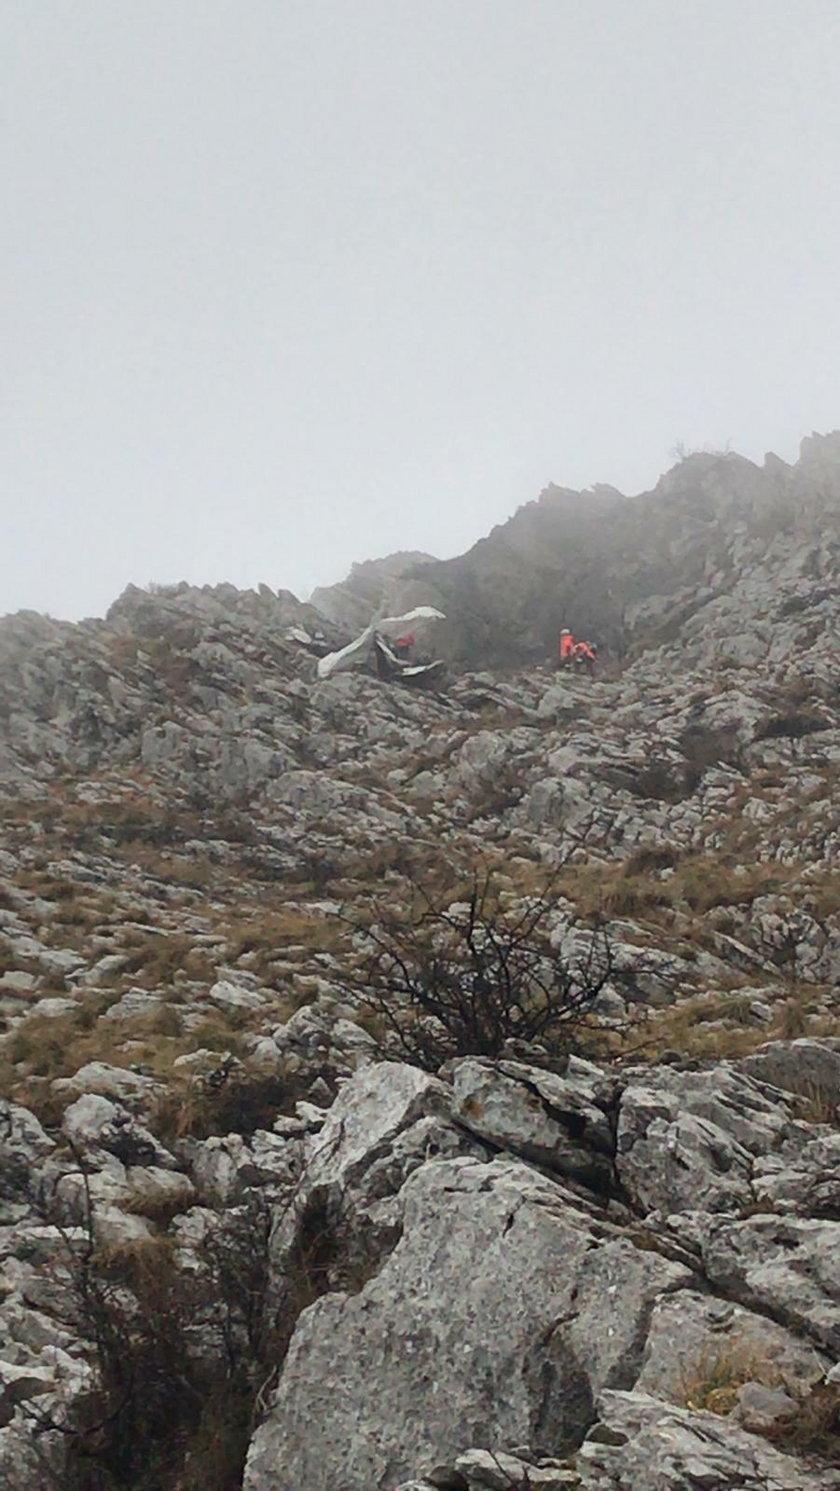 Katastrofa samolotu w górach. Maszyna rozbiła się o szczyt